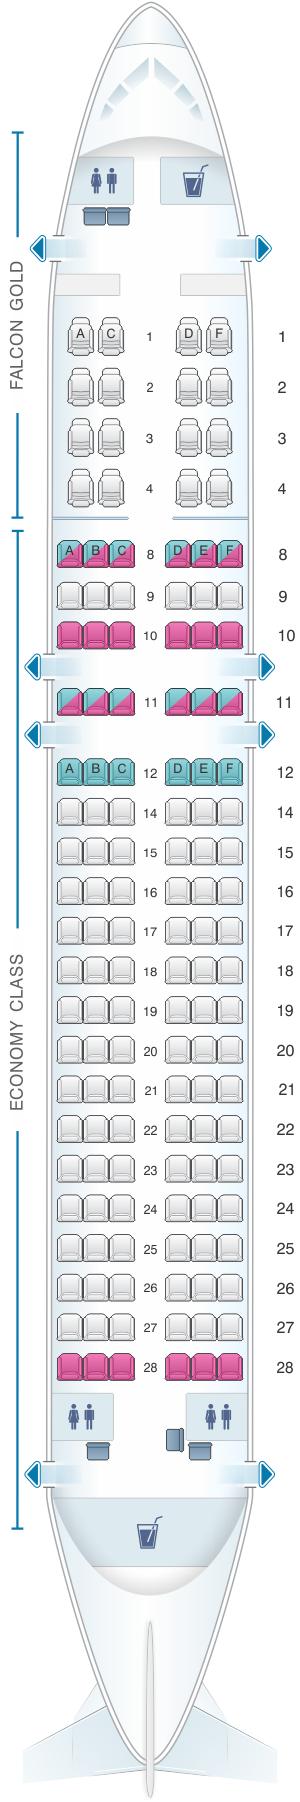 Seat Map Gulf Air Airbus A320 200 | SeatMaestro